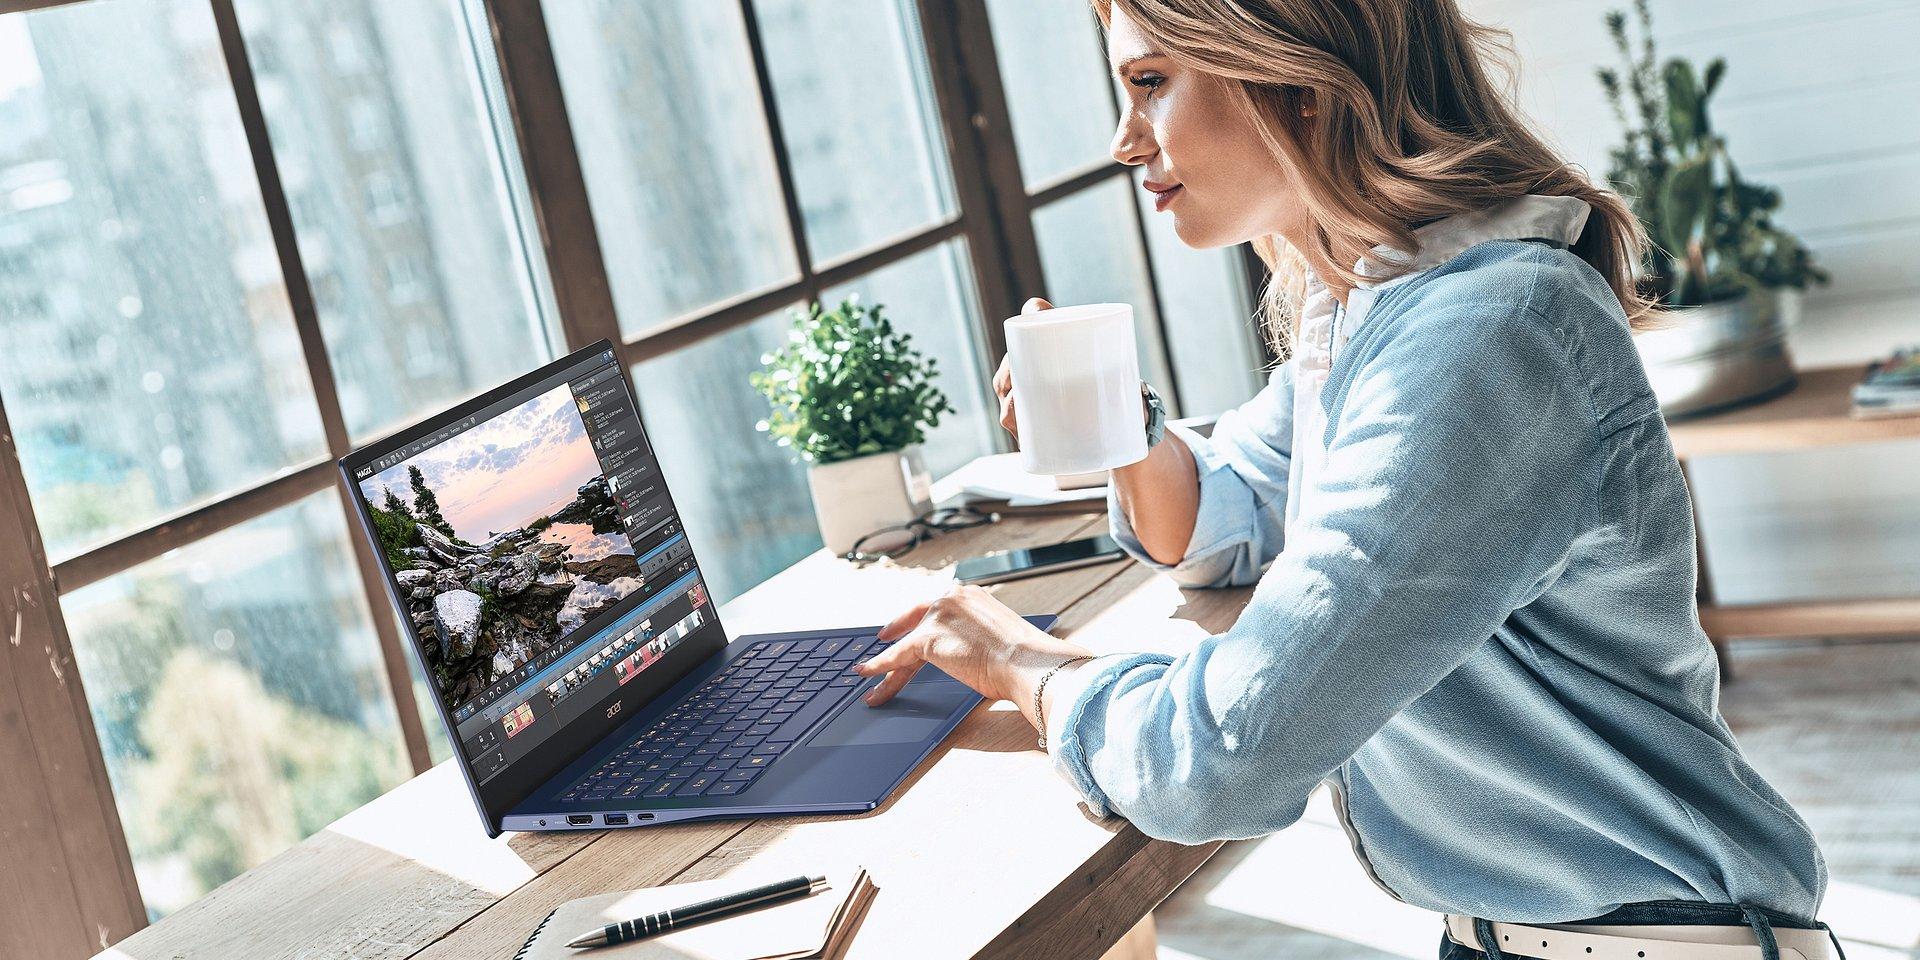 Nowy Acer Swift 5 to najlżejszy na świecie 14-calowy laptop. Teraz jest dostępny z dedykowaną kartą graficzną